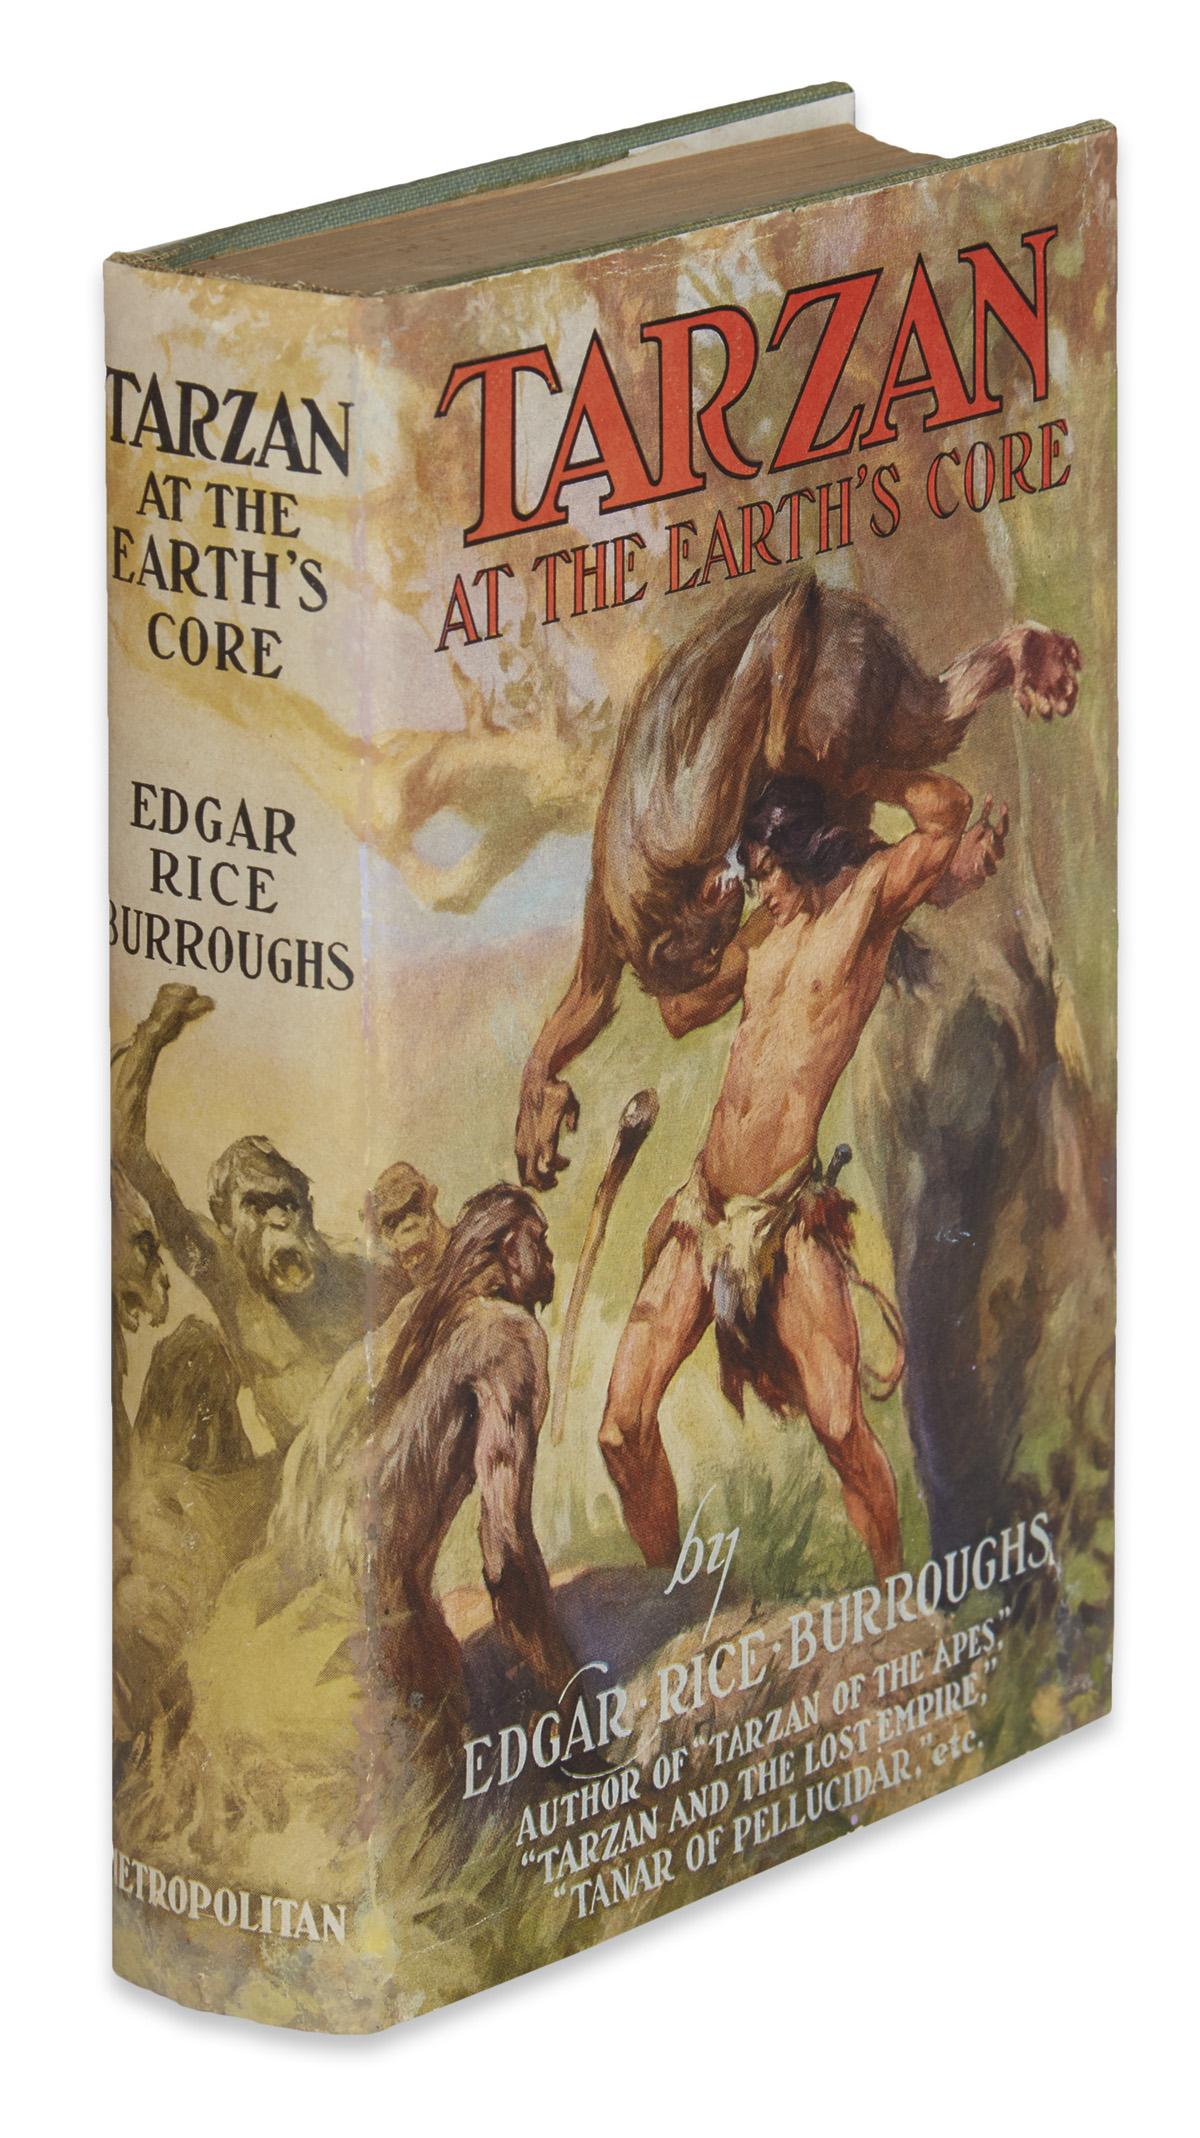 BURROUGHS-EDGAR-RICE-Tarzan-at-the-Earths-Core